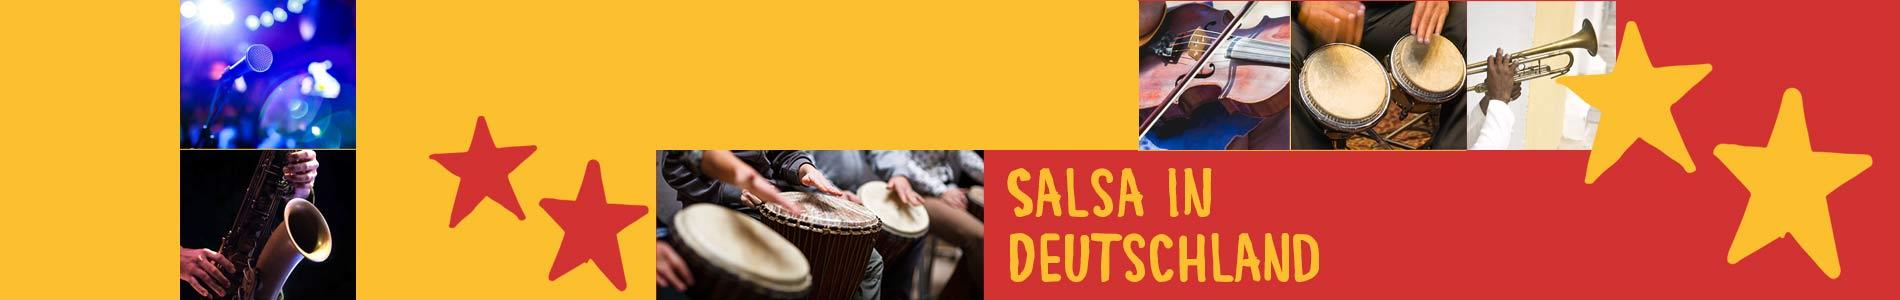 Salsa in Brahmenau – Salsa lernen und tanzen, Tanzkurse, Partys, Veranstaltungen